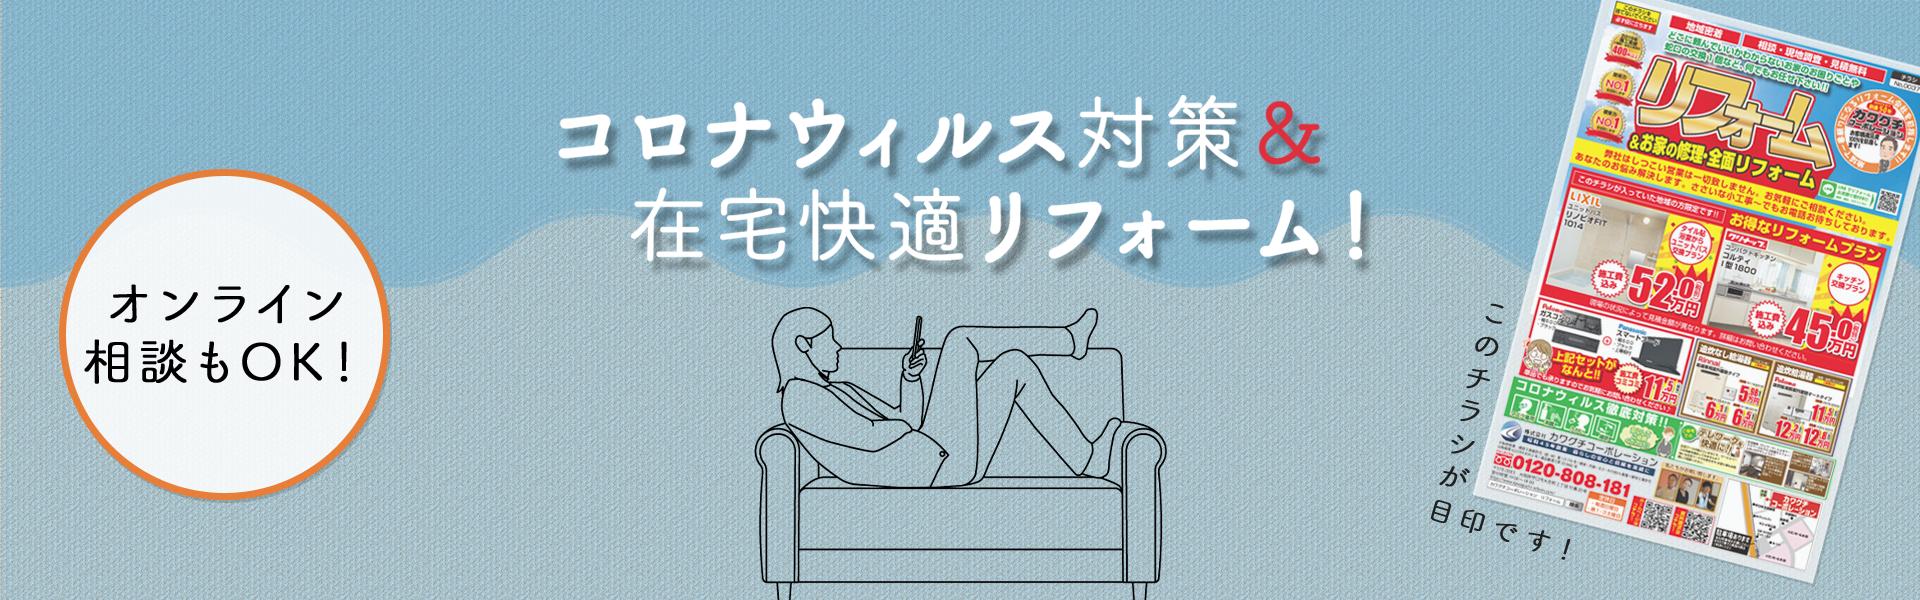 【オンライン相談OK!】コロナウィルス対策&在宅快適リフォーム!